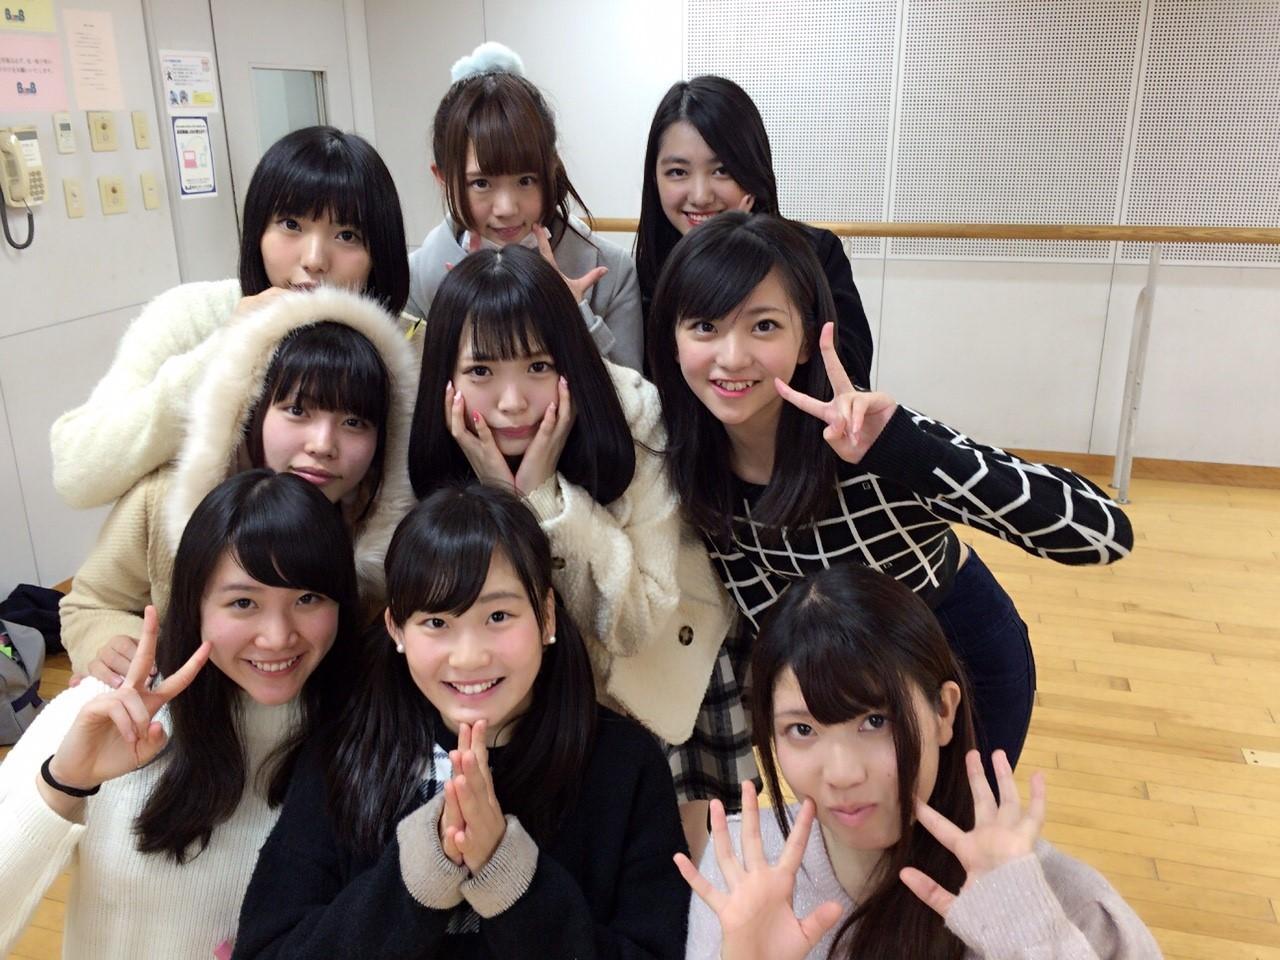 アイドルグループ・ドリィムアビリティのメンバー